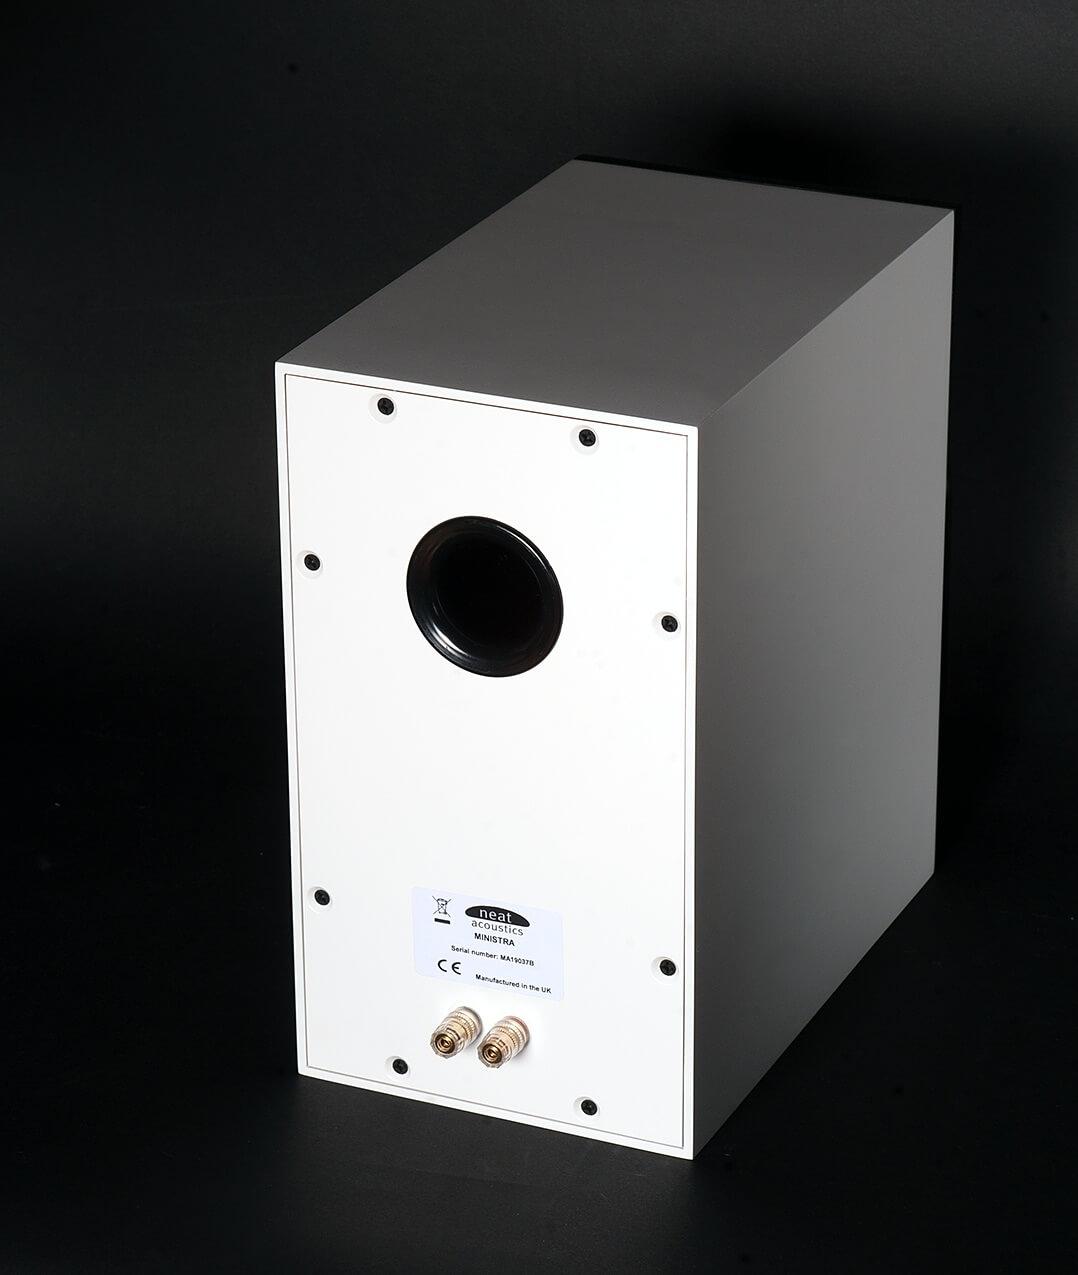 Neat Acoustics Ministra Lautsprecher - Rückseite mit Anschlüssen und Bassreflexsystem